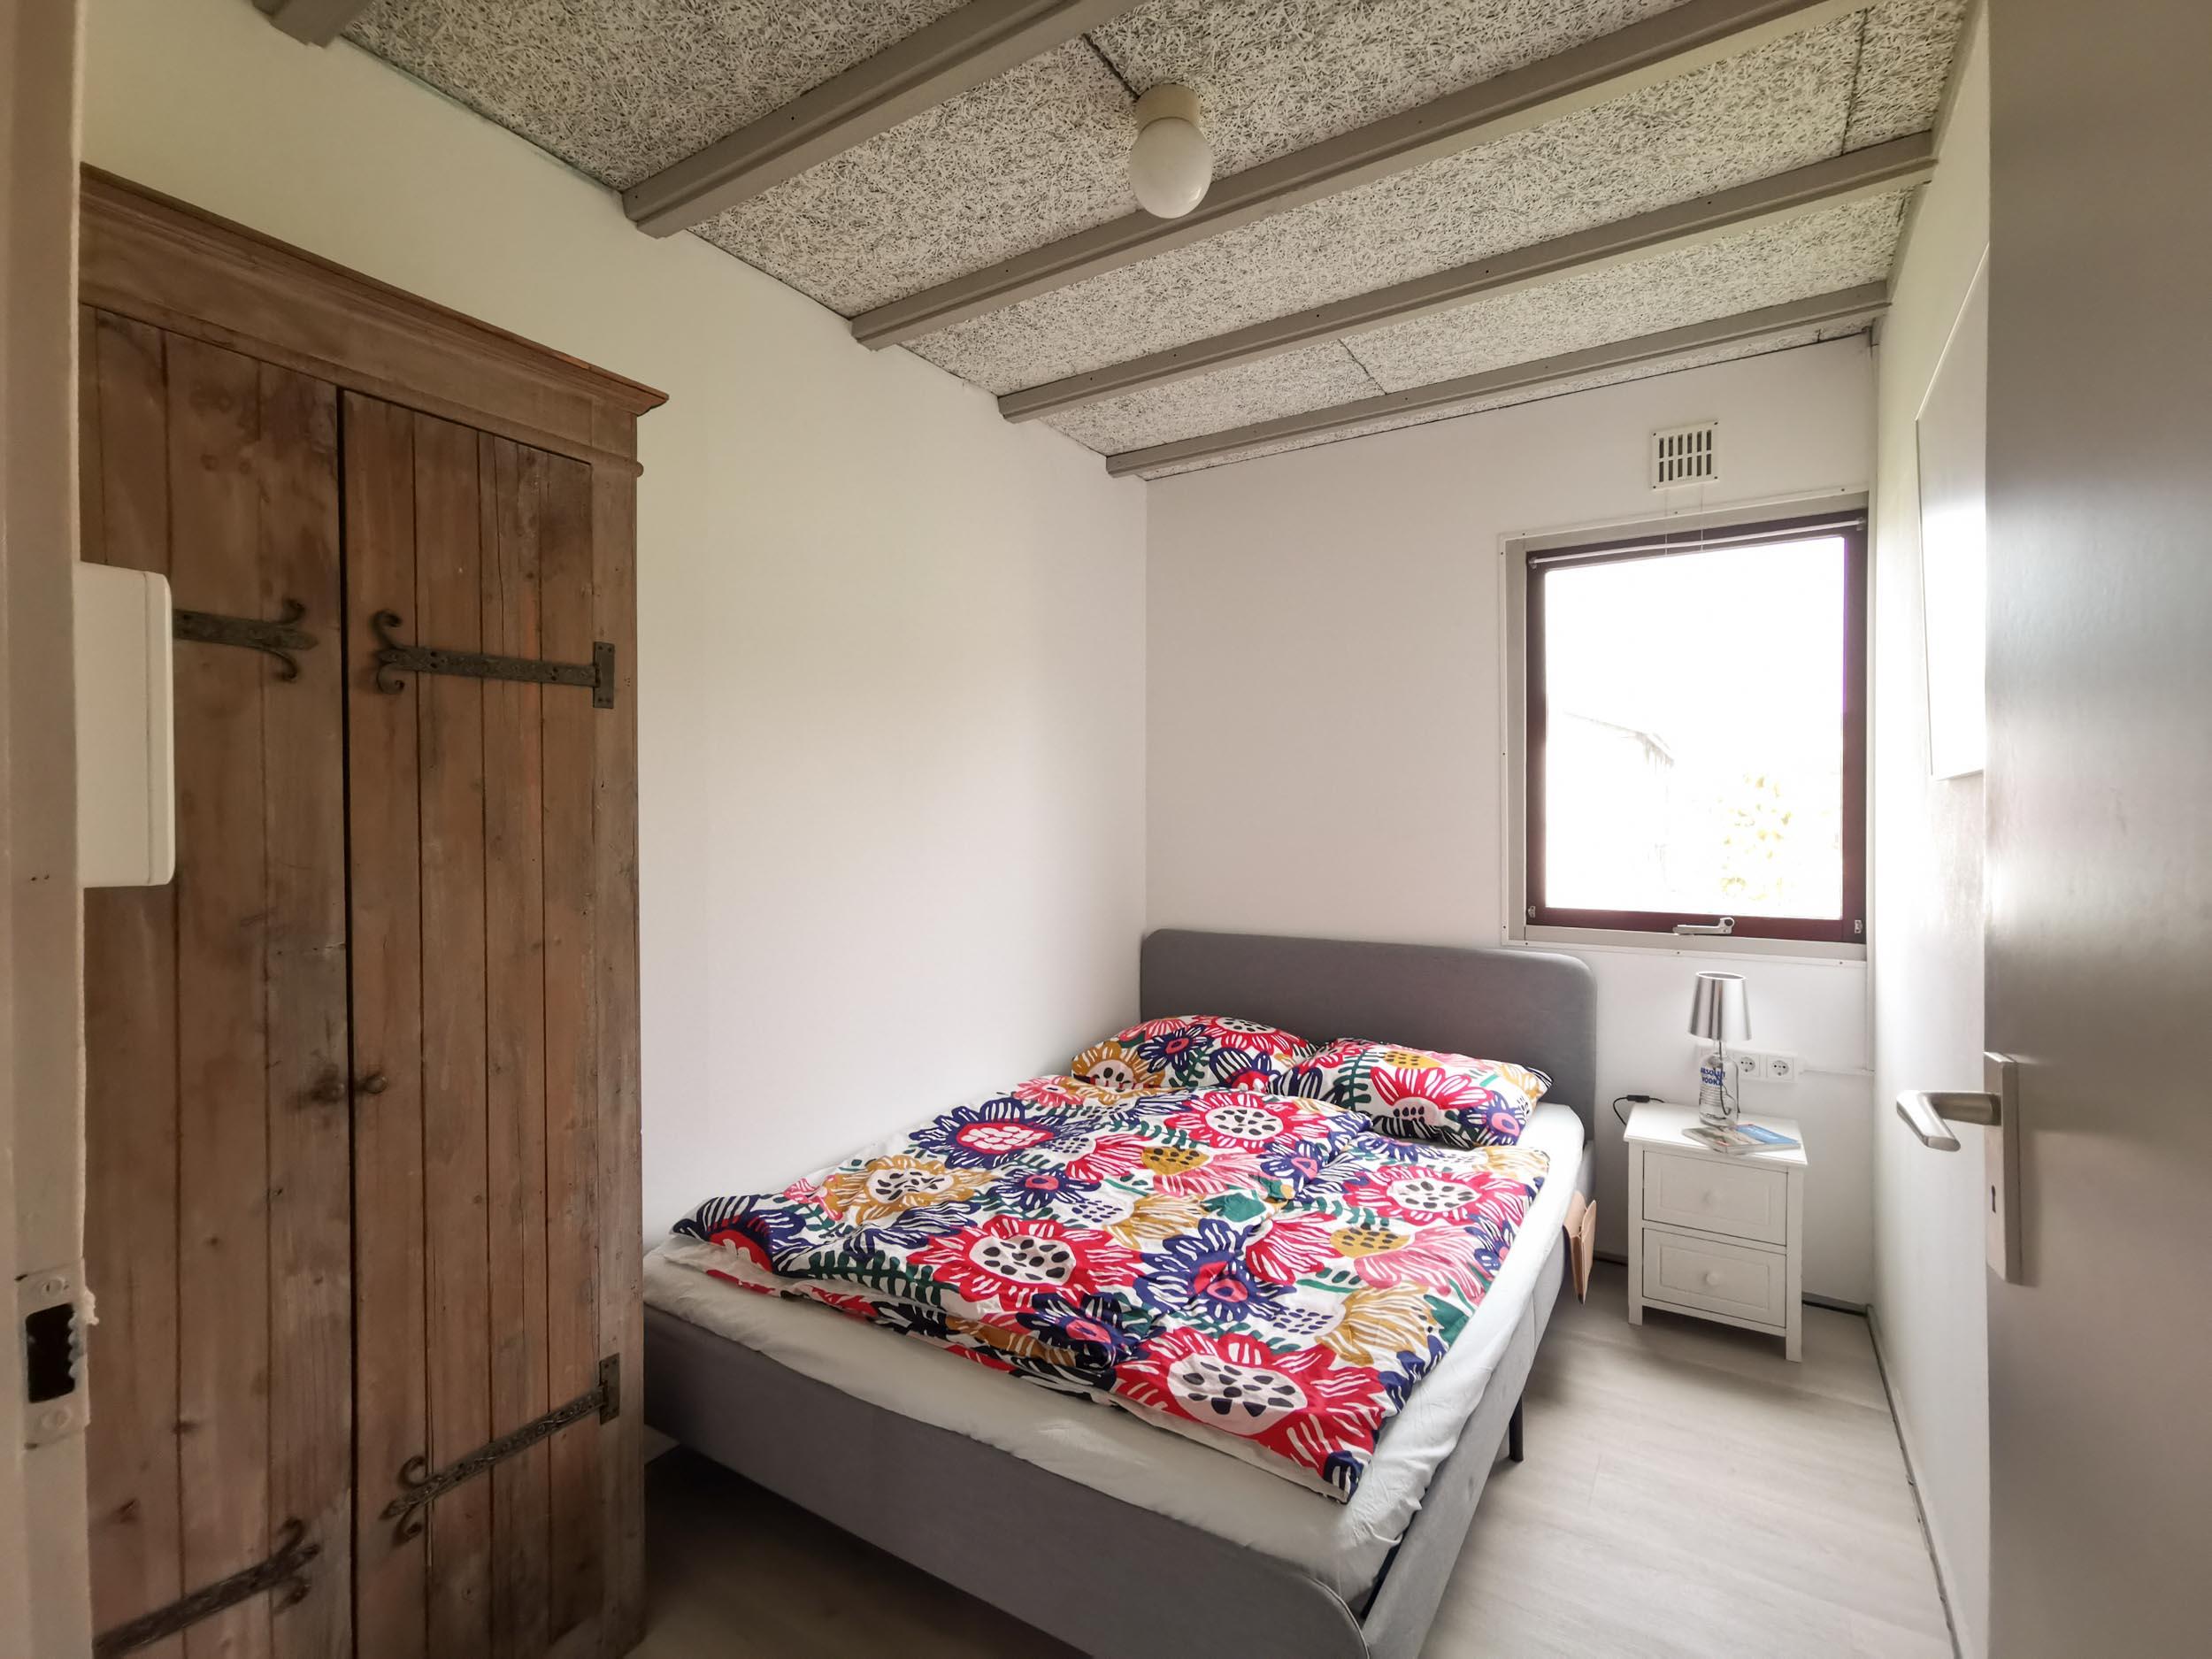 Schlafzimmer 1 Ferienhaus Nordholland Sint Maartenszee